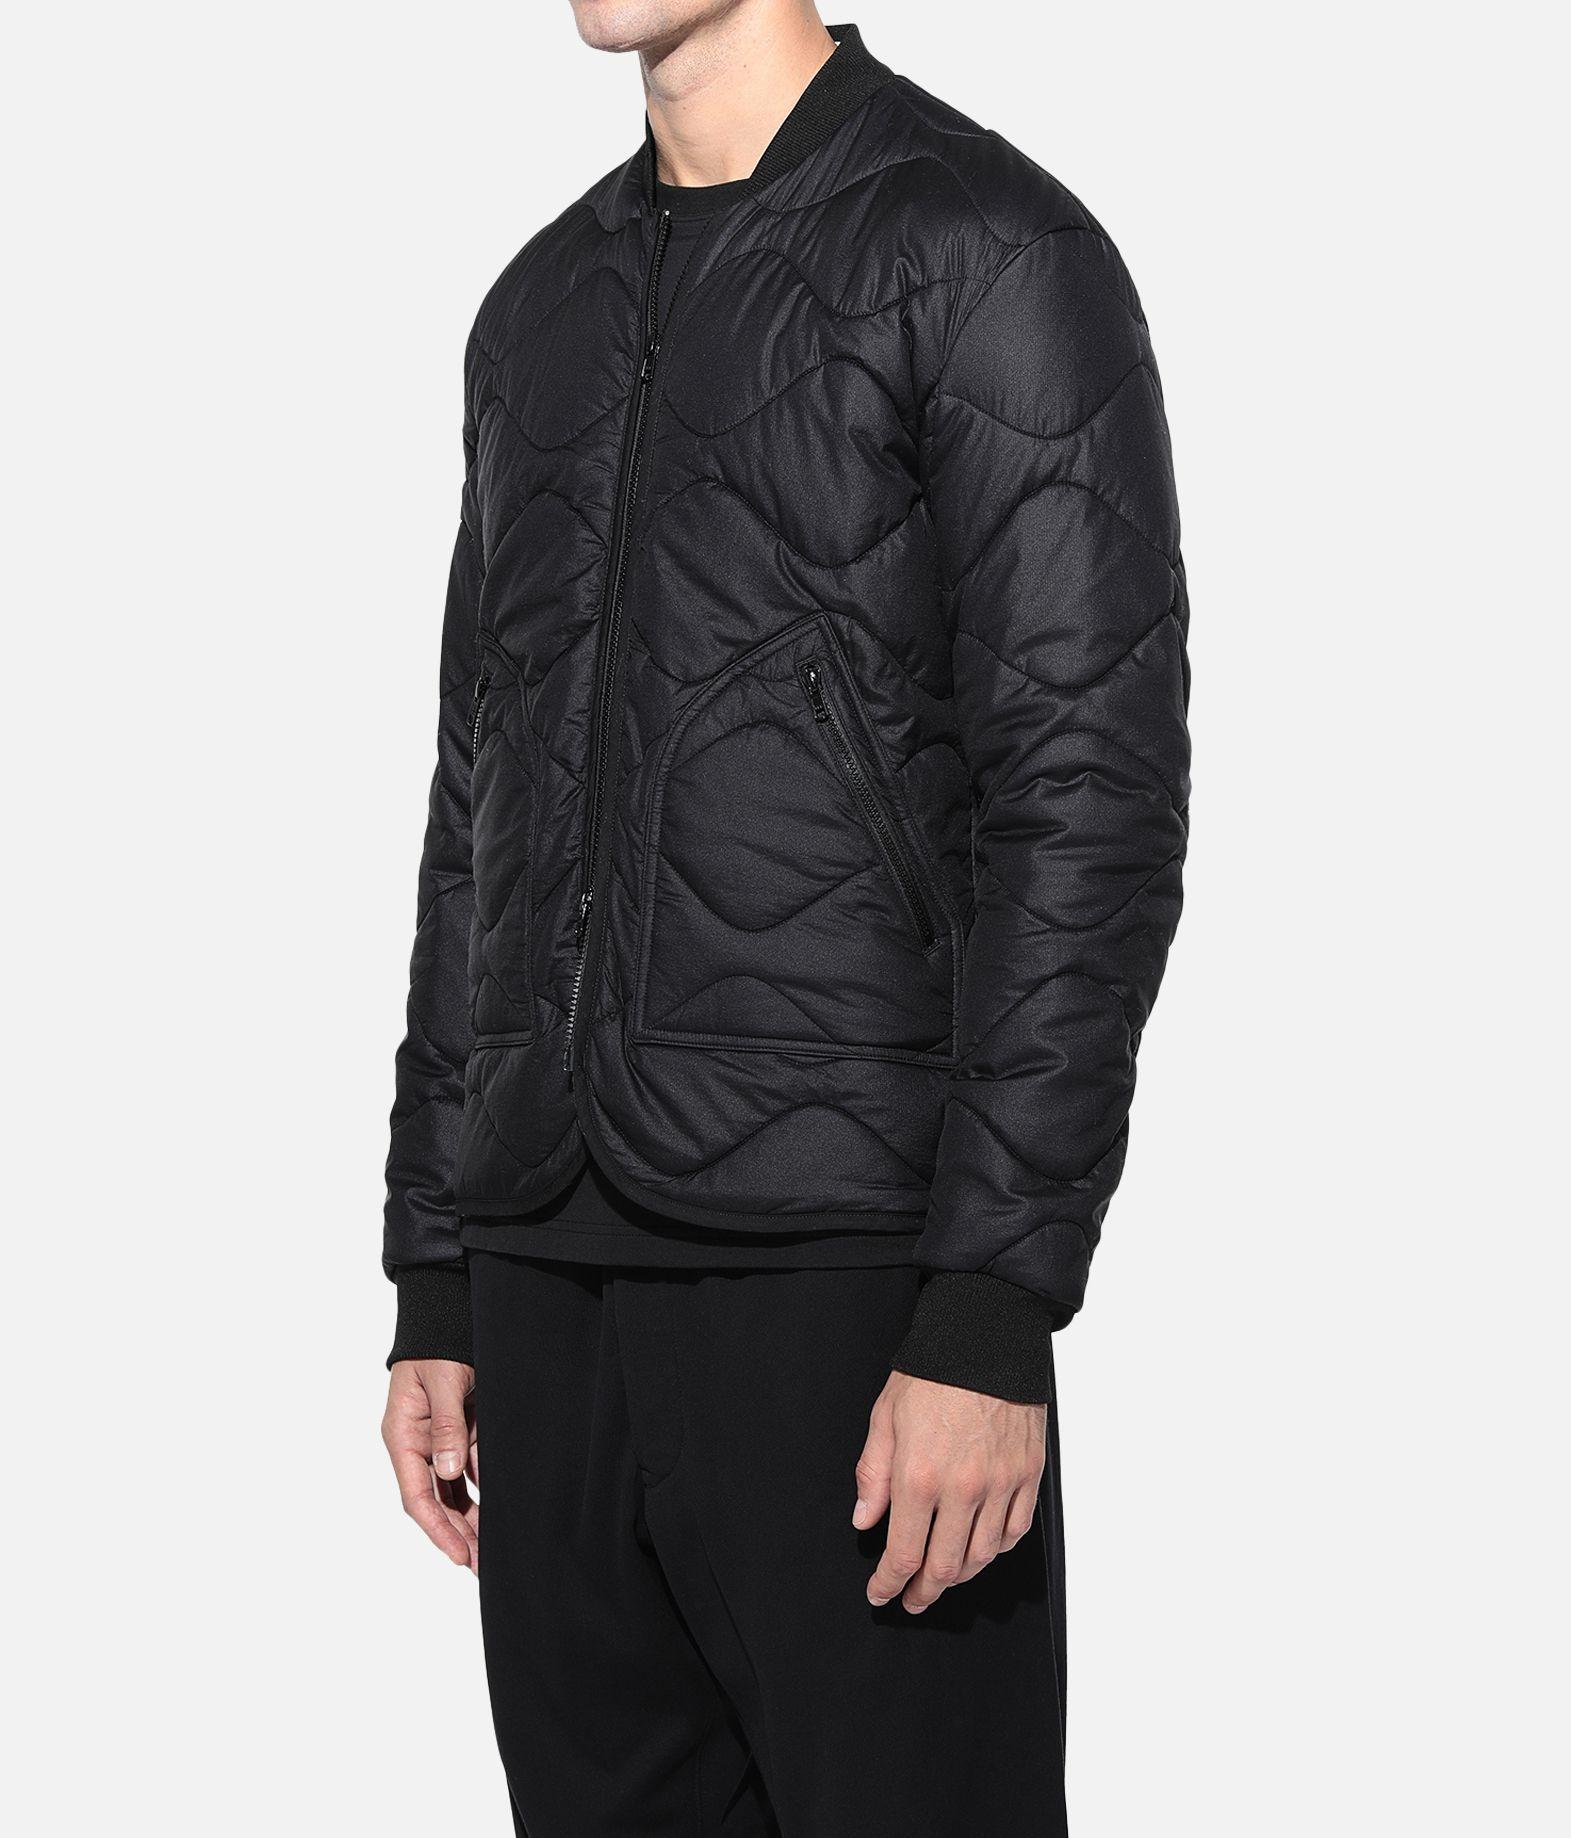 Y-3 Y-3 Adizero Liner Jacket Blazer Man e